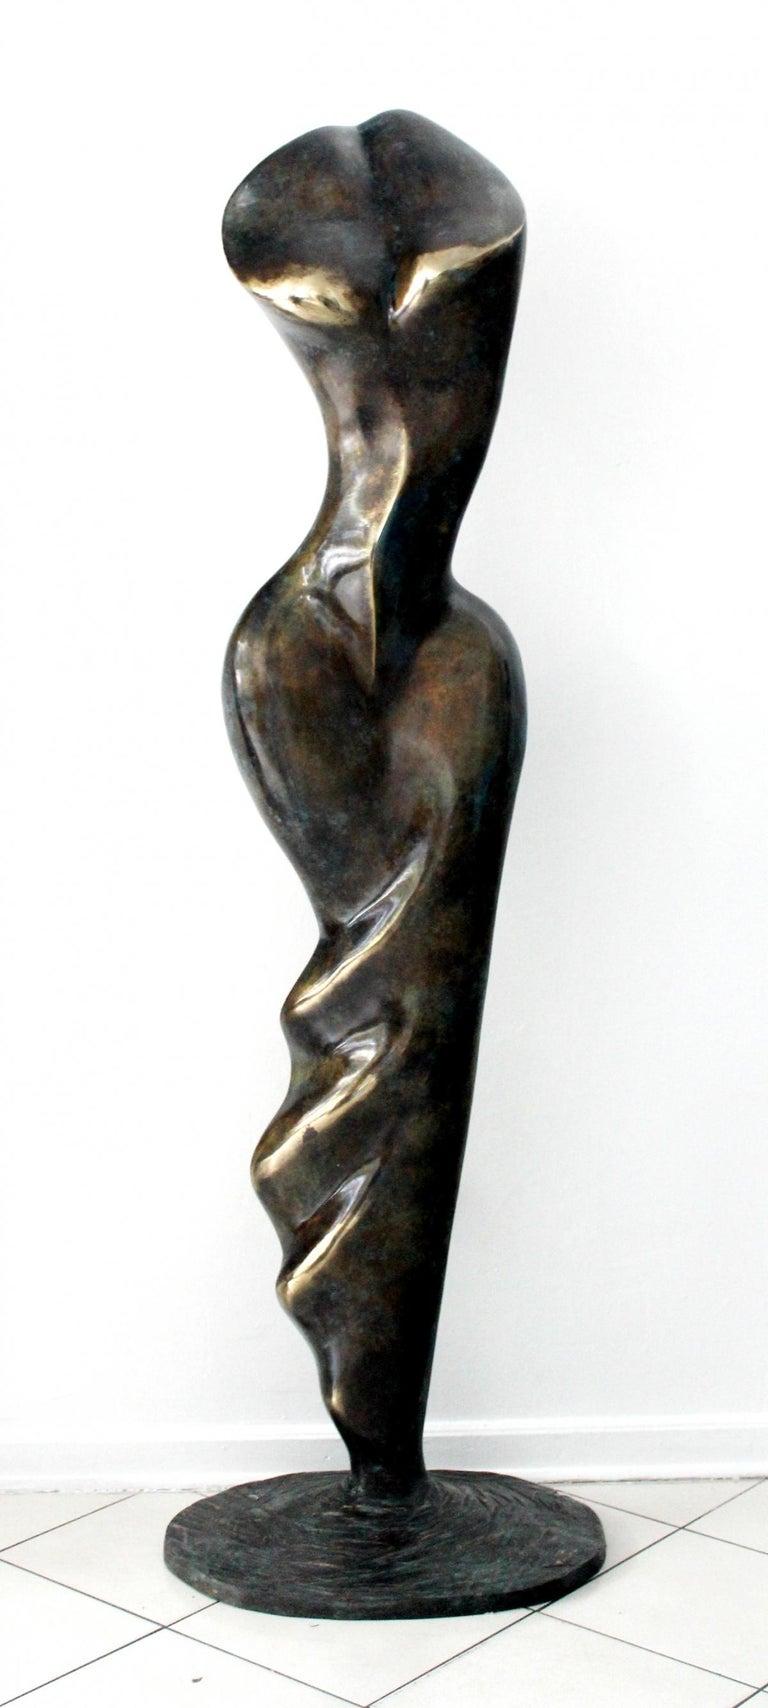 Stanisław Wysocki Figurative Sculpture - Helen - XXI Century, Contemporary Bronze Sculpture, Abstract, Figurative, Nude